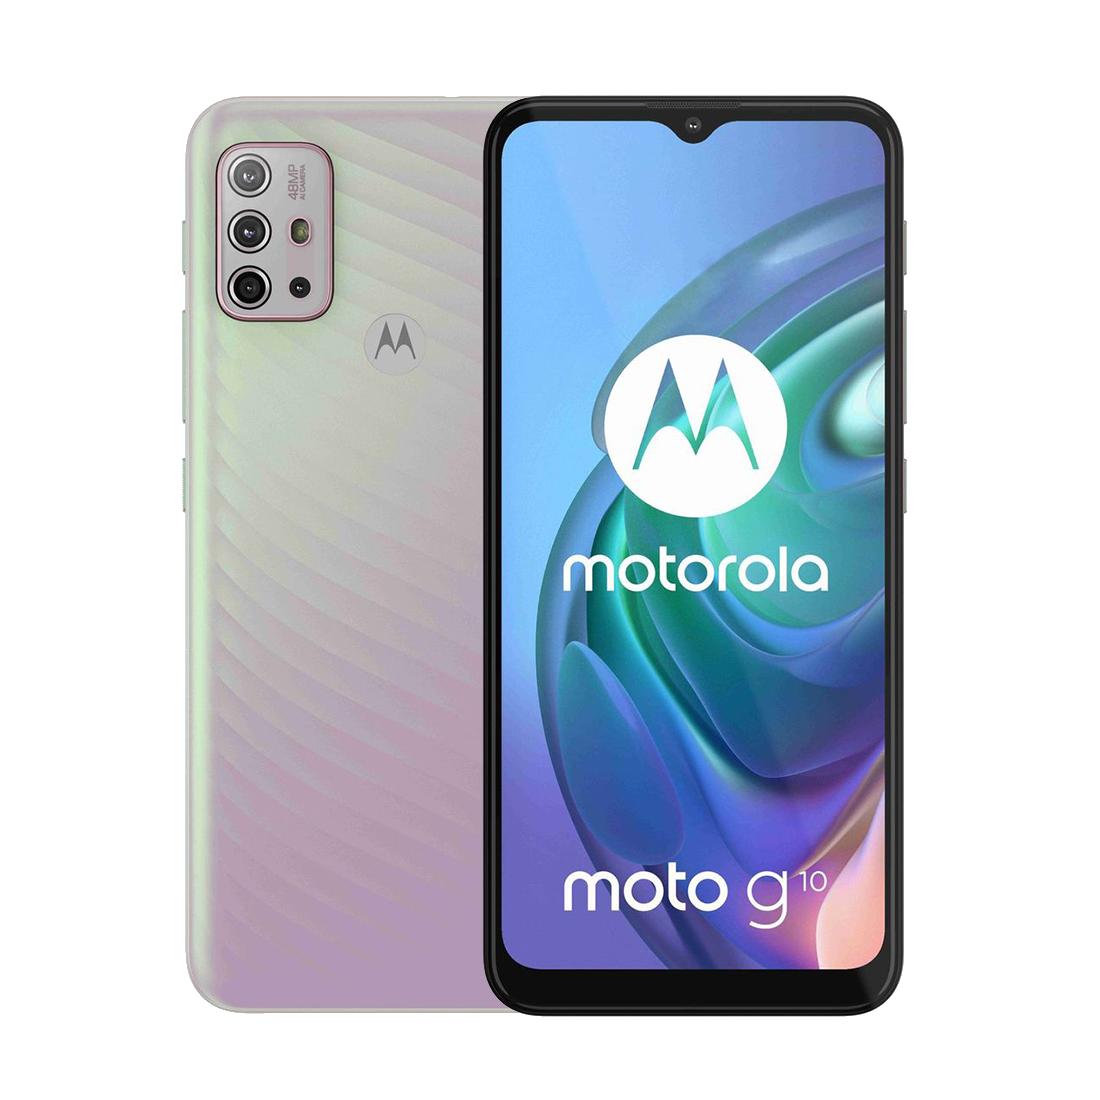 Comparativo: Moto G9 Play ou Moto G10; qual é a diferença?